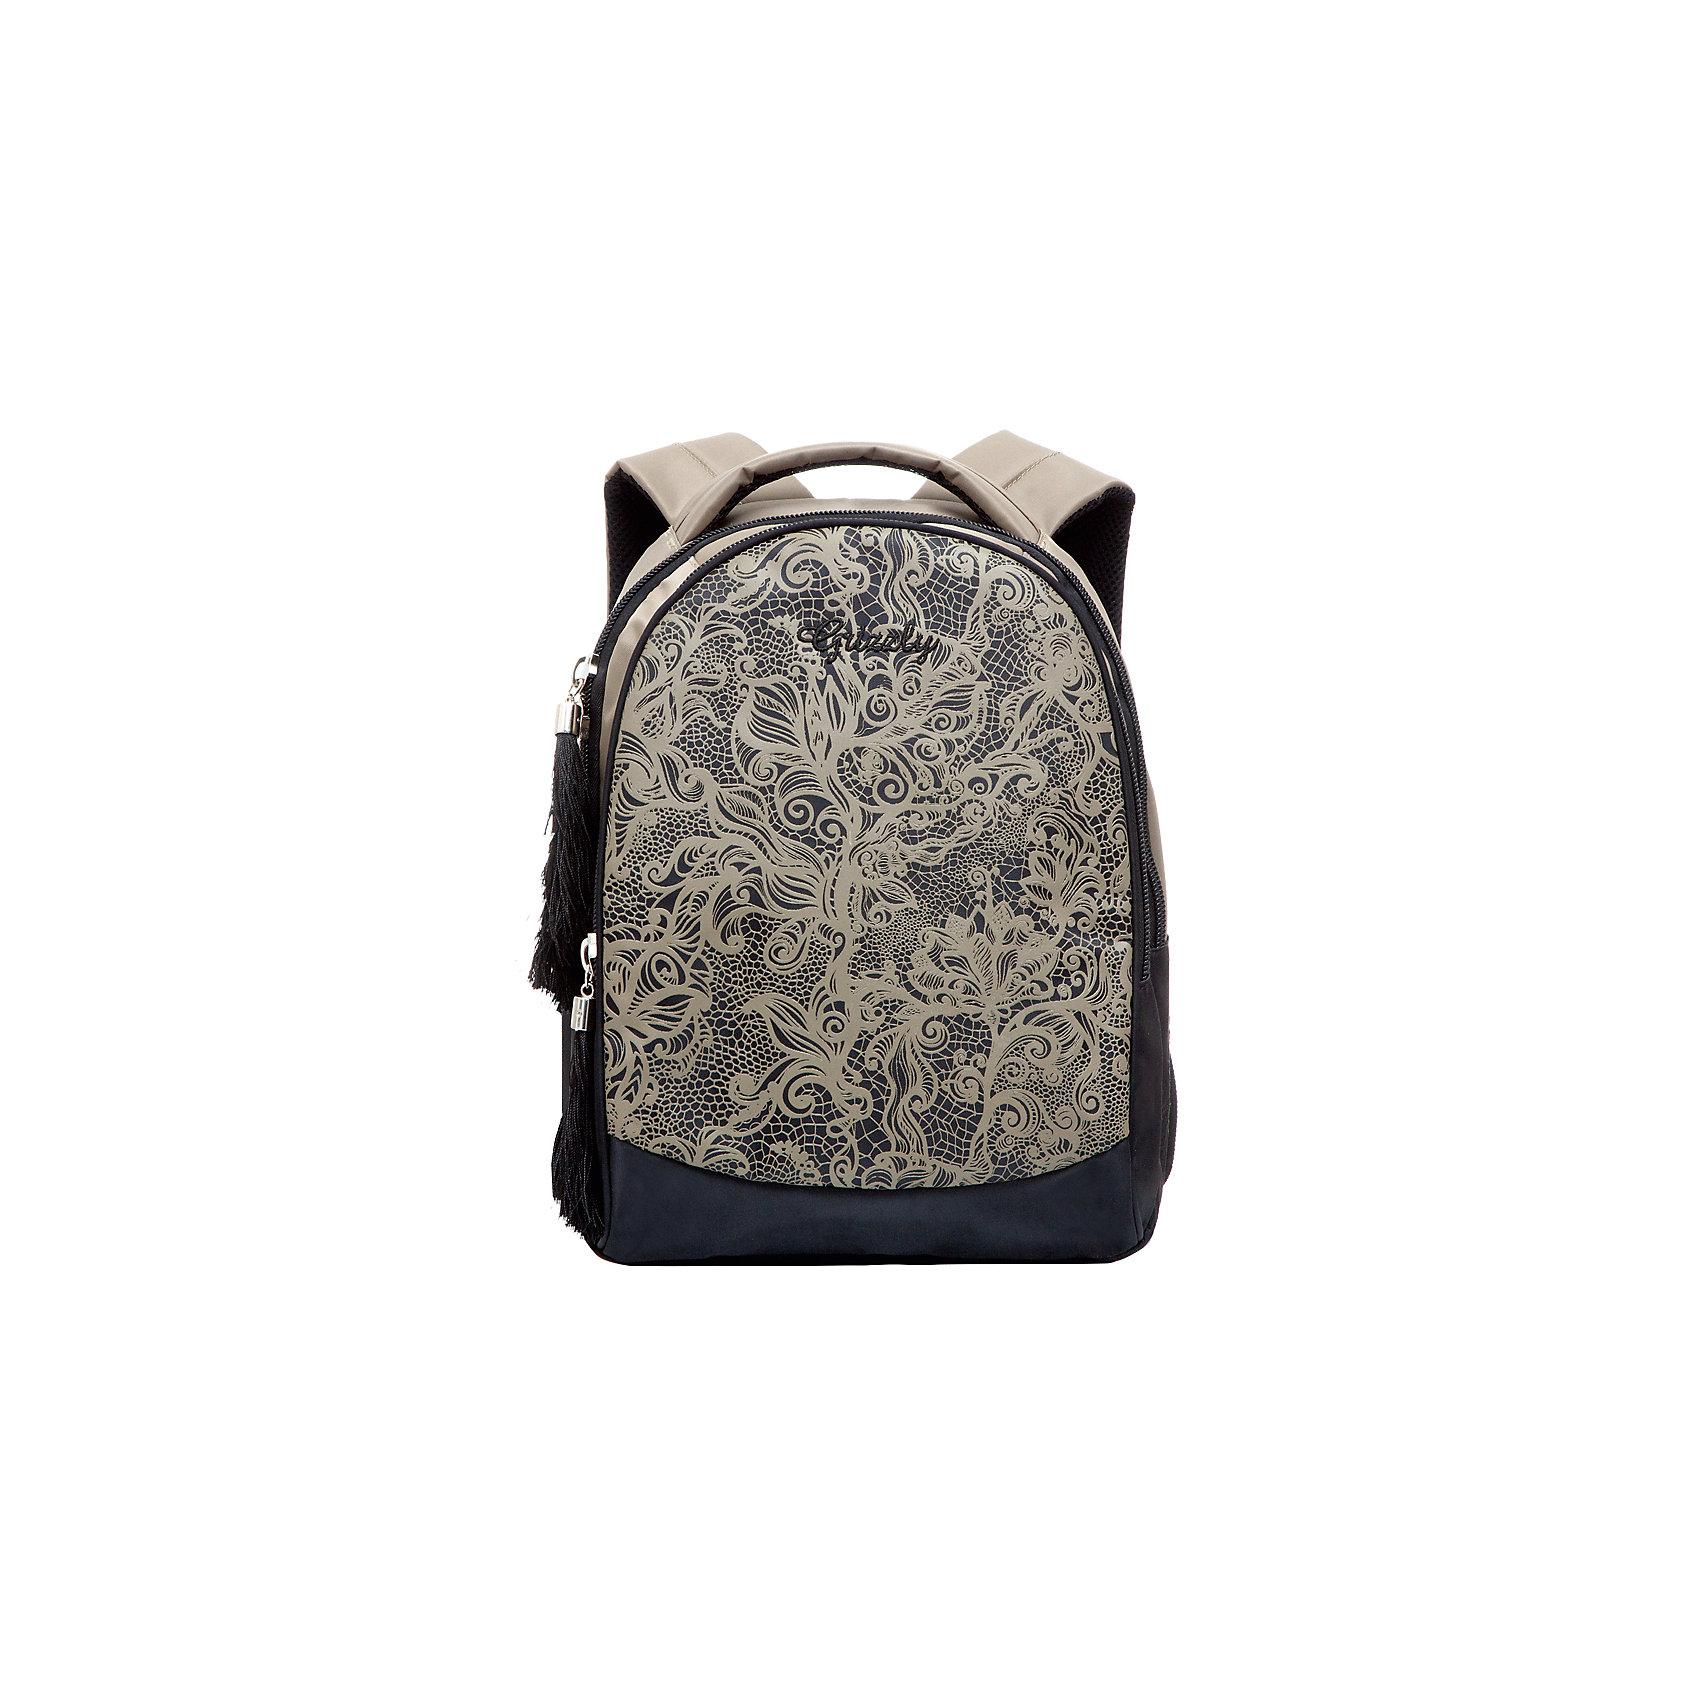 Grizzly Рюкзак школьный , бежевыйРюкзаки<br>Рюкзак, бежевый, Grizzly (Гризли) ? рюкзак отечественного бренда Гризли молодежной серии. Рюкзак выполнен из принтованного полиэстера в сочетании с нейлоном высокого качества, что обеспечивает легкий вес, но при этом надежность и прочность. Все швы выполнены капроновыми нитками, что делает швы особенно крепкими и устойчивыми к износу даже в течение нескольких лет. <br>Внутреннее устройство рюкзака состоит из двух отсеков, внутреннего кармана на молнии и составного пенала-органайзера для хранения канцелярских принадлежностей. Удобство и эргономичность рюкзака обеспечивается укрепленной спинкой и лямками, а также благодаря мягкой укрепленной ручке. Лямки регулируются под рост школьника. Уникальность рюкзаков Grizzly заключается в том, что анатомическая спинка изготовлена из специальной ткани, которая пропускает воздух, тем самым защищает спину от повышенного потоотделения. <br>Рюкзаки молодежной серии Grizzly (Гризли) ? это не только удобство и функциональность, это еще и оригинальный современный дизайн. Рюкзак, бежевый, Grizzly (Гризли) выполнен в классическом стиле: цветочный узор нежно-бежжевого цвета на черном фоне. <br>Рюкзак, бежевый, Grizzly (Гризли) ? это качество материалов, удобство и долговечность использования. <br><br>Дополнительная информация:<br><br>- Вес: 667 г<br>- Габариты (Д*Г*В): 27*17*35 см<br>- Цвет: черный, бежевый<br>- Материал: полиэстер, нейлон <br>- Сезон: круглый год<br>- Коллекция: молодежная <br>- Год коллекции: 2016 <br>- Пол: женский<br>- Предназначение: для школы, для занятий спортом<br>- Особенности ухода: можно чистить влажной щеткой или губкой, допускается ручная стирка<br><br>Подробнее:<br><br>• Для школьников в возрасте: от 8 лет и до 12 лет<br>• Страна производитель: Россия<br>• Торговый бренд: Grizzly<br><br>Рюкзак, бежевый, Grizzly (Гризли) можно купить в нашем интернет-магазине.<br><br>Ширина мм: 270<br>Глубина мм: 170<br>Высота мм: 350<br>Вес г: 667<br>Возраст от месяцев: 96<br>Возр